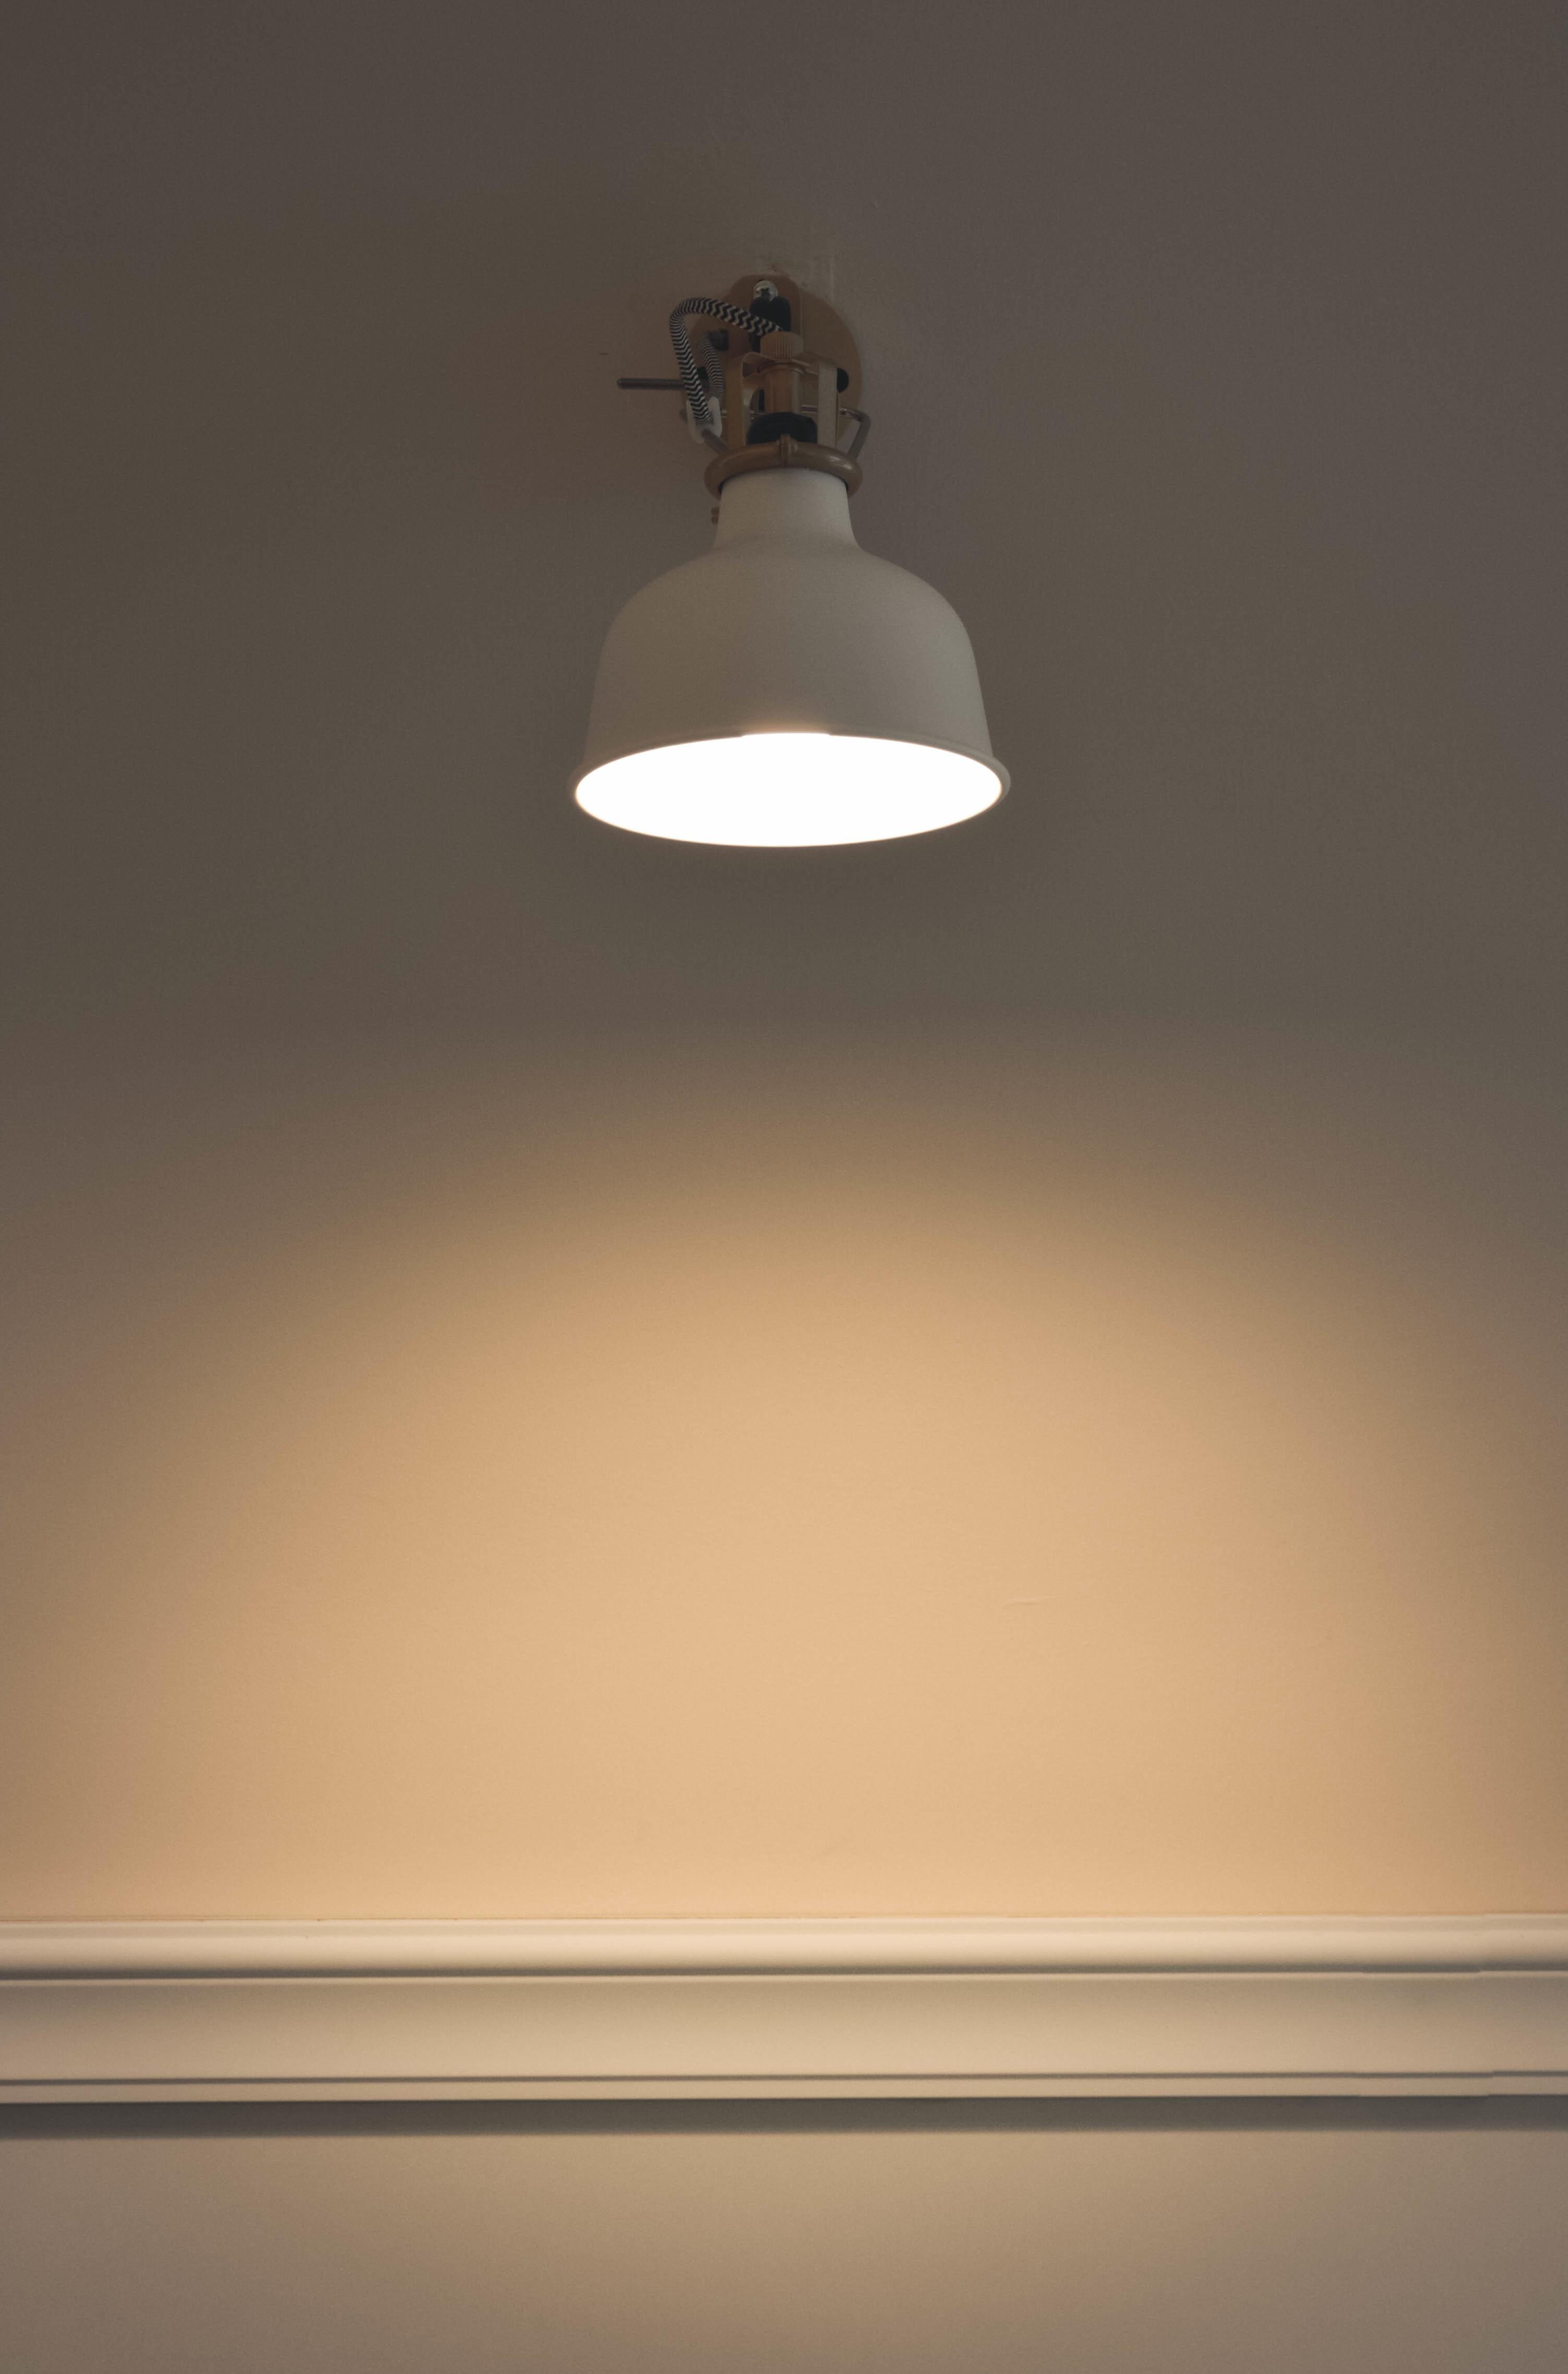 무료 이미지 빛 화이트 천장 램프 조명 전등 모양 보루 일광 백열 전구